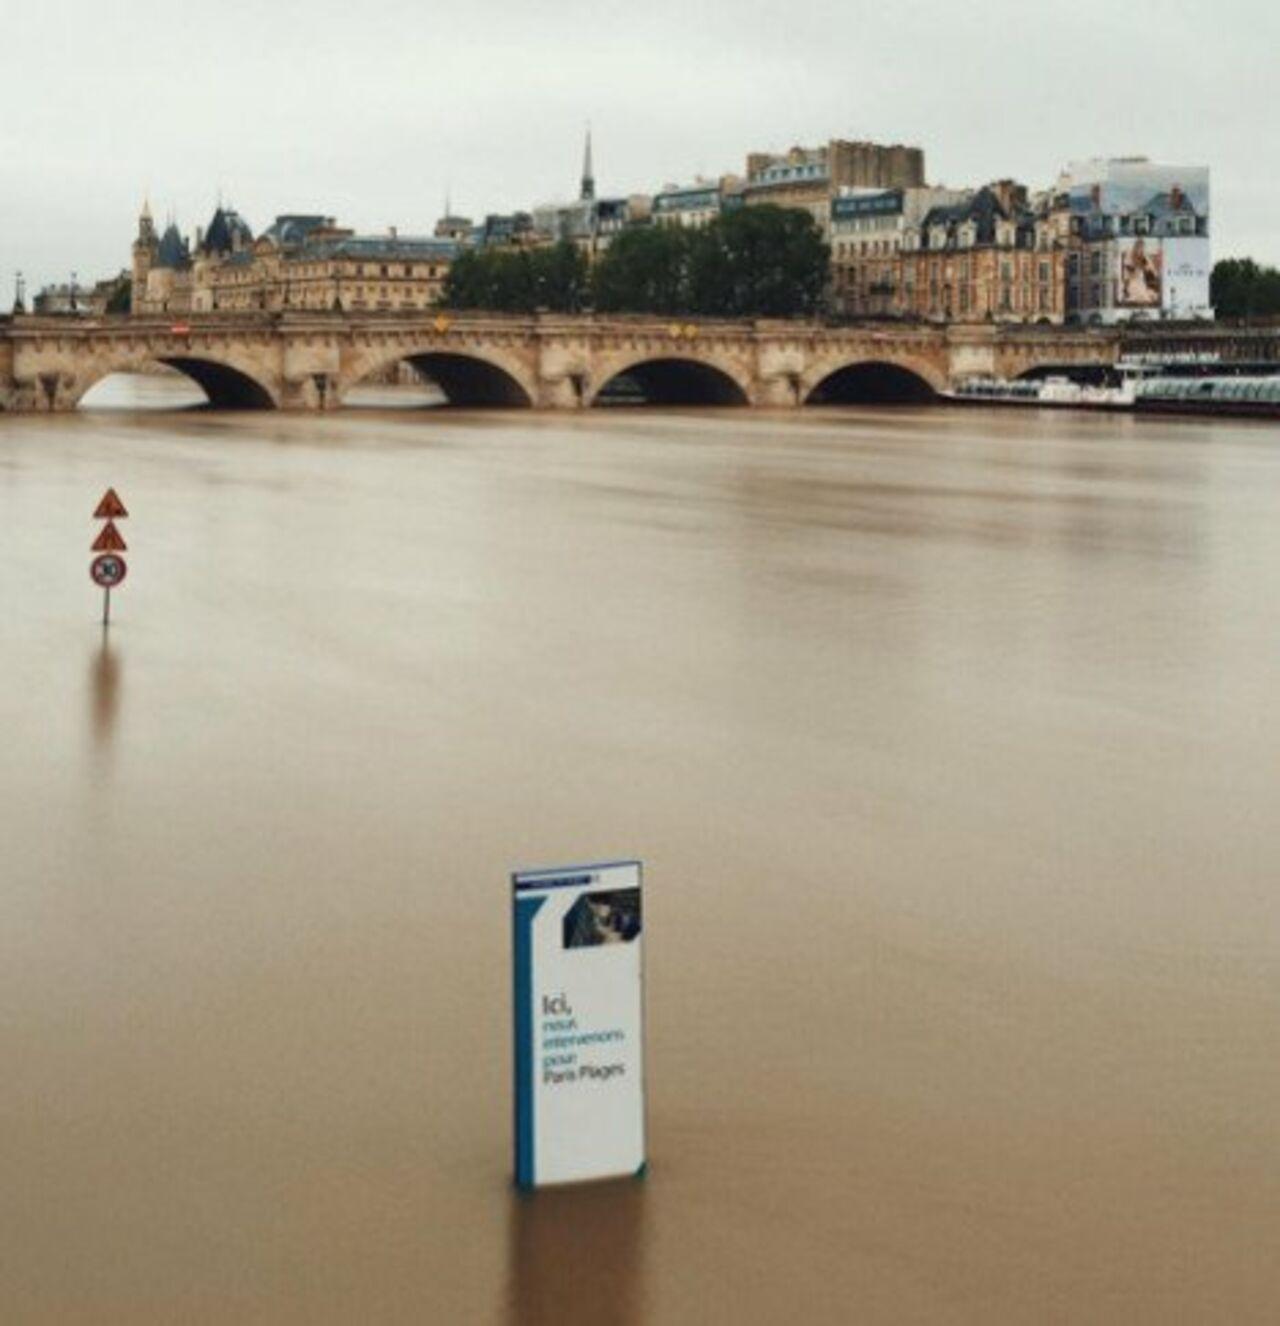 Музей Лувр закроют для гостей  из-за наводнения встолице франции